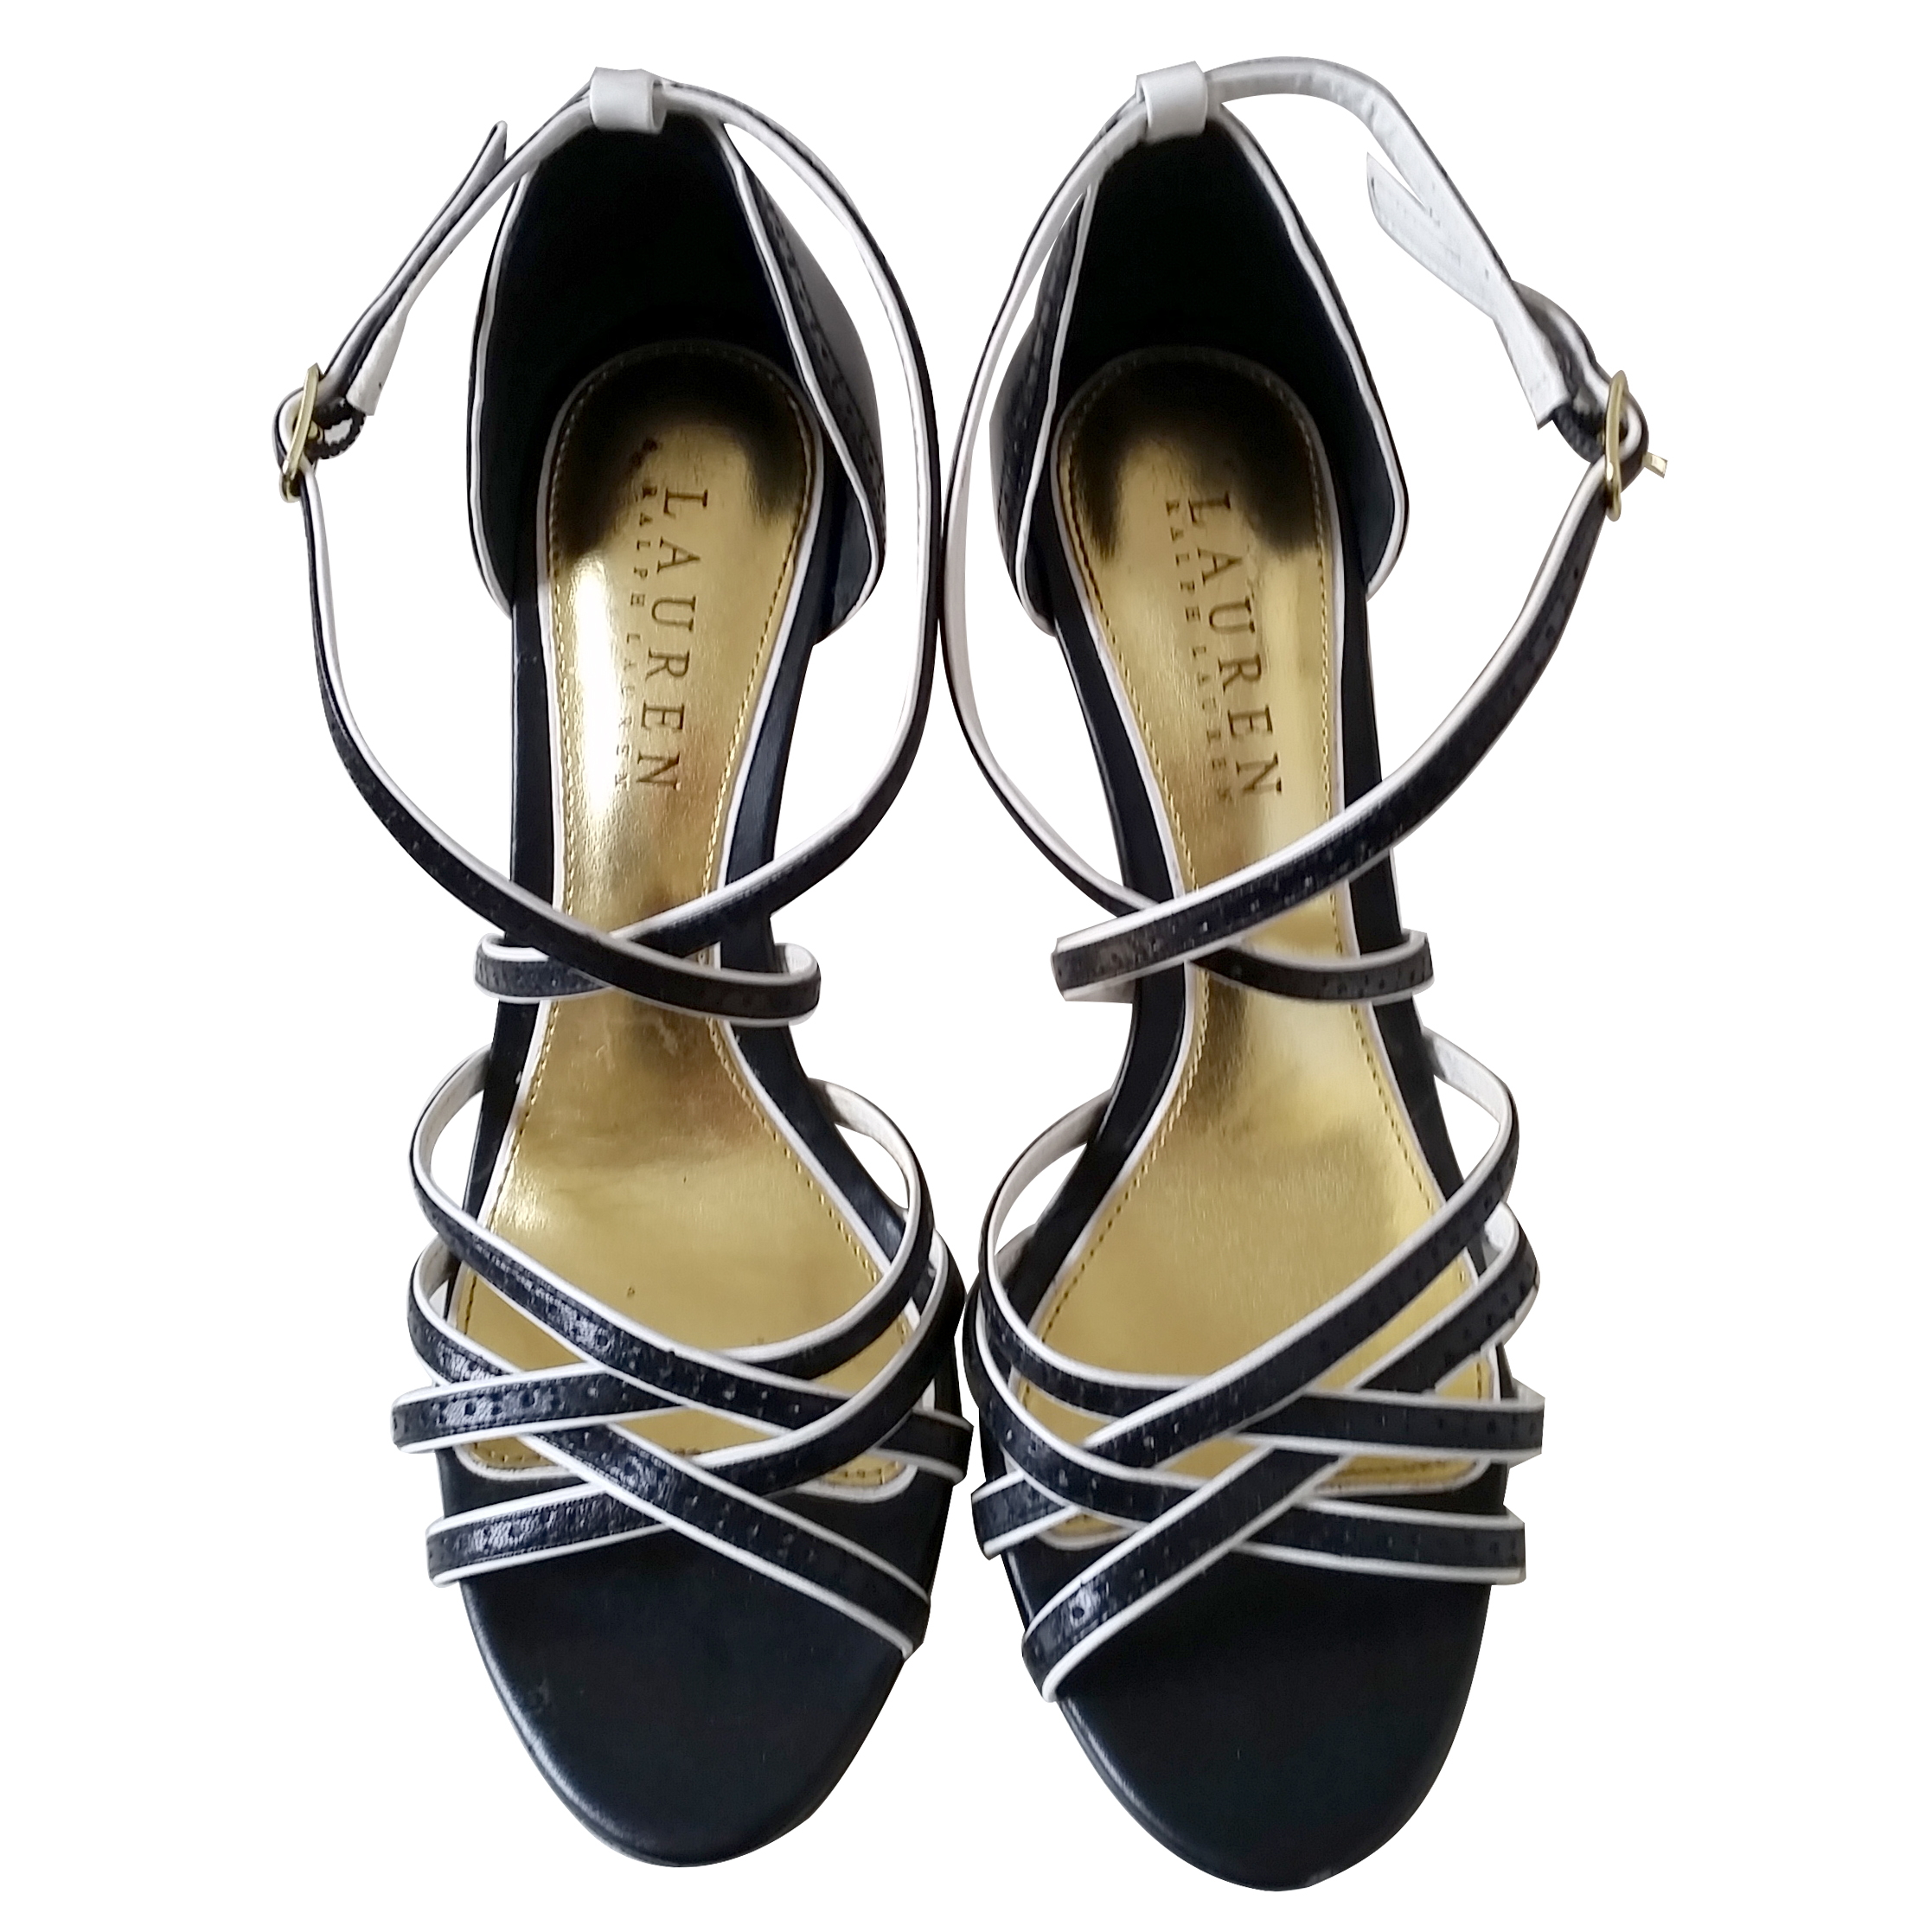 Lauren Ralph Lauren Shoes | Ralph Lauren Nude Pointed Toe